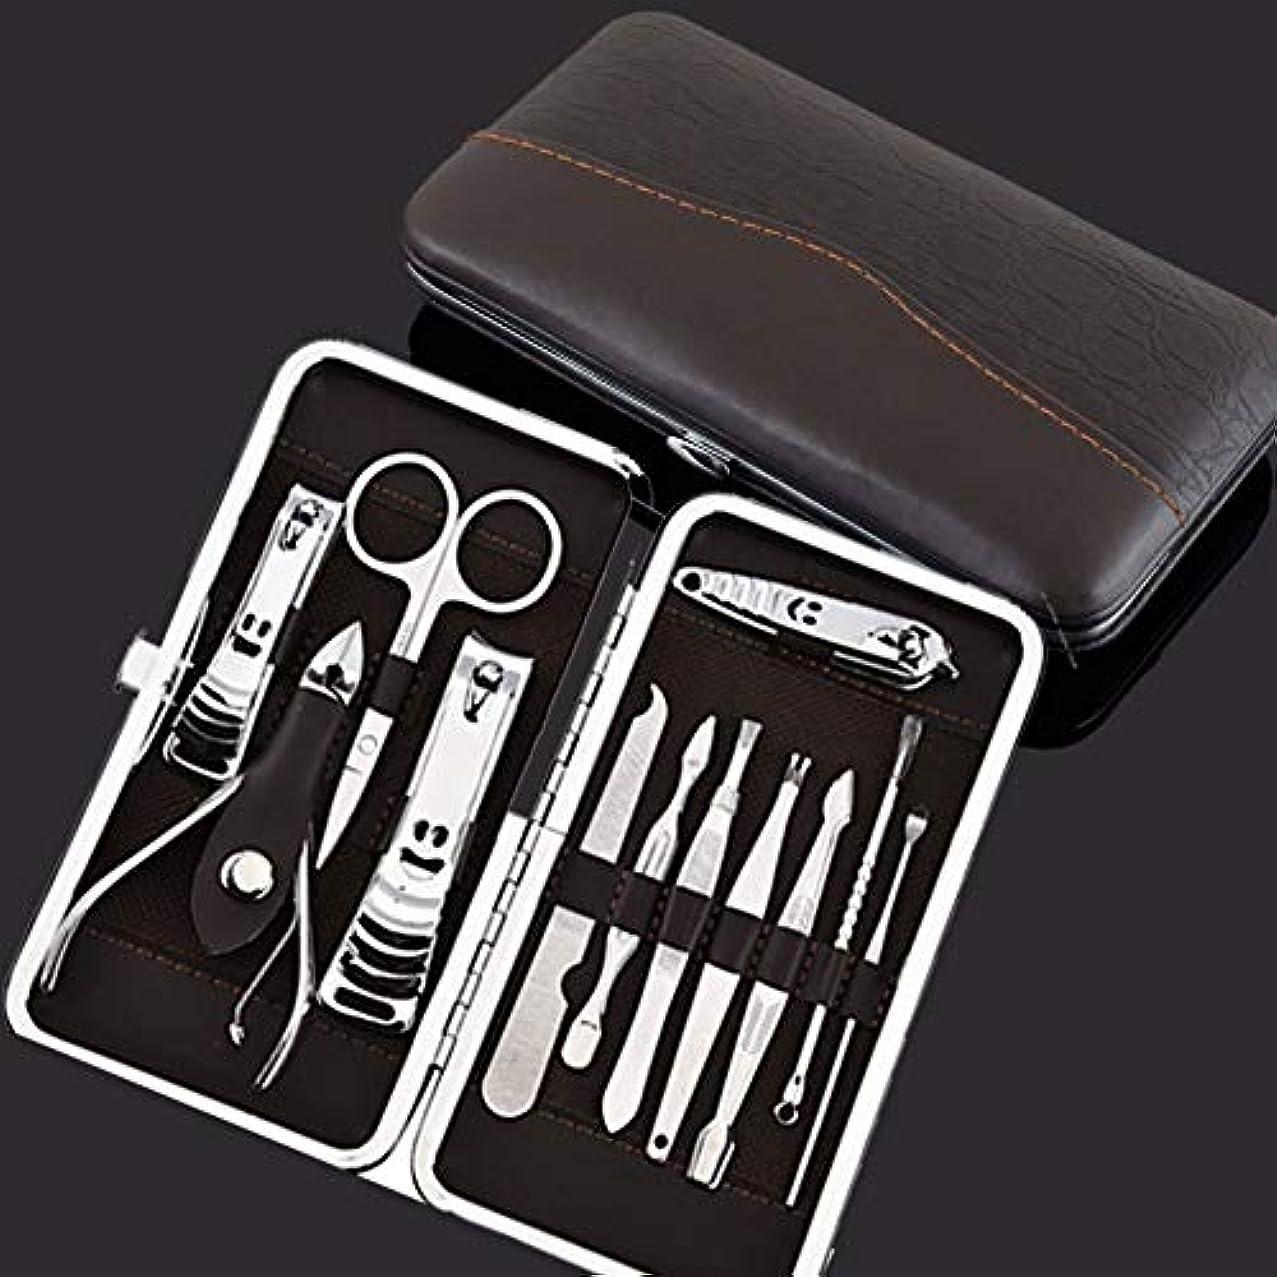 奴隷ブーストウィンクステンレス製のスポット爪切り12ピースセット爪切り美容セット爪切りマニキュアツールセット